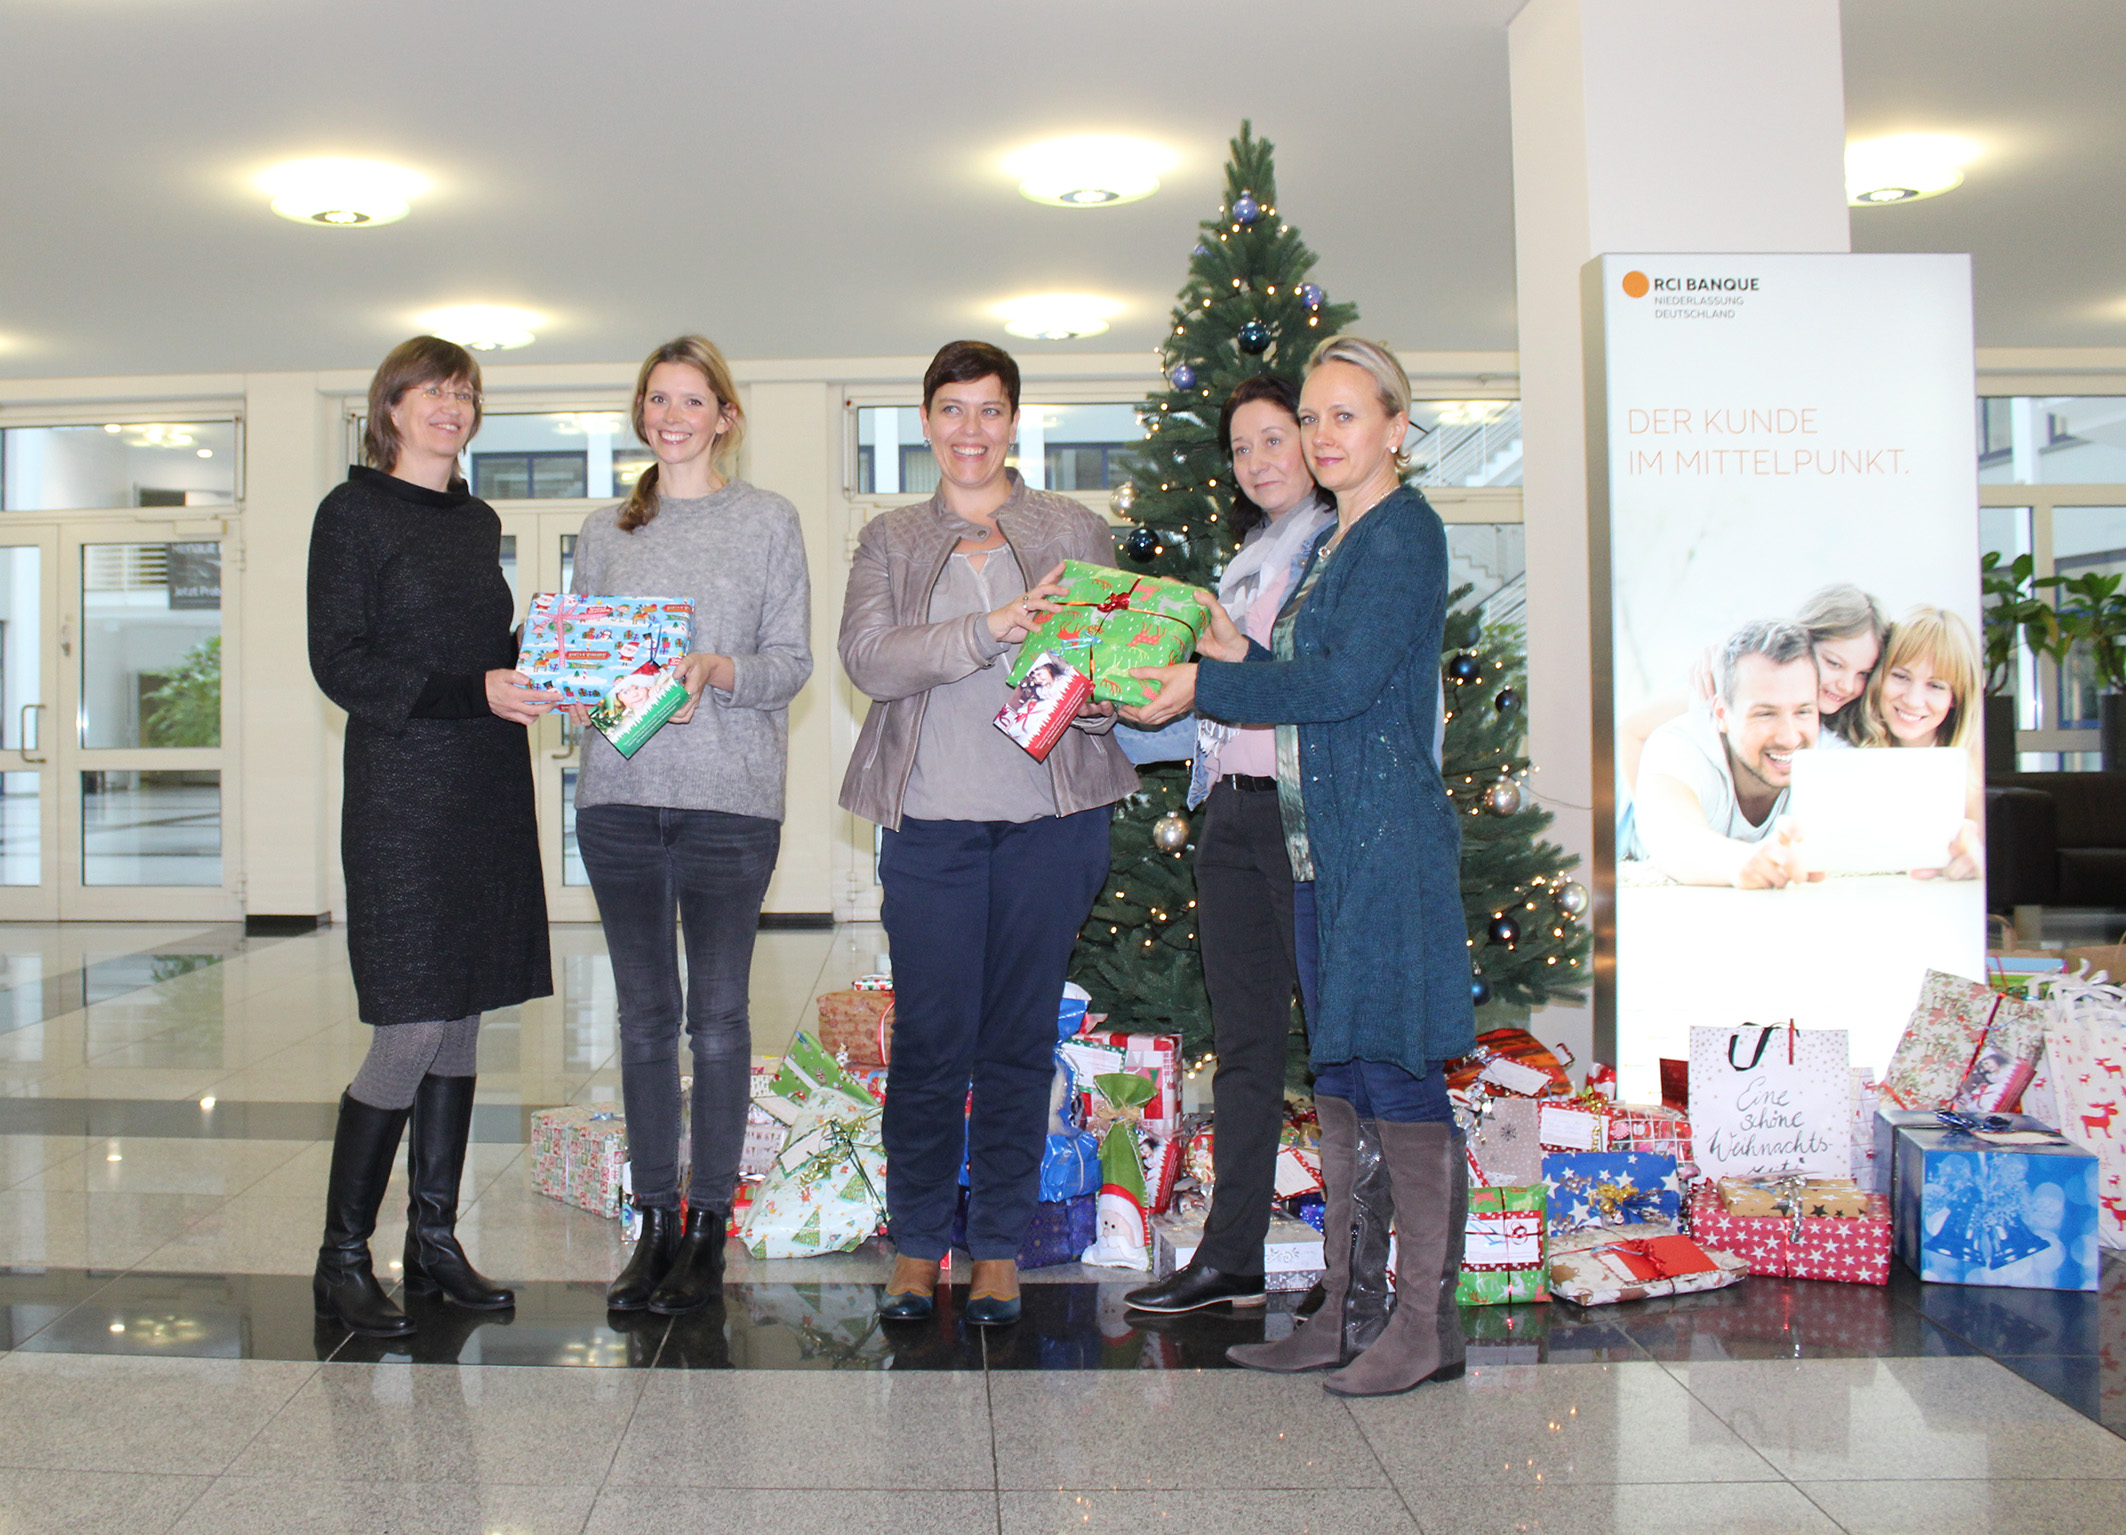 Weihnachtswunschbaumaktion Von Yanfeng Automotive Interiors Und Rci Banque Deutschland War Ein